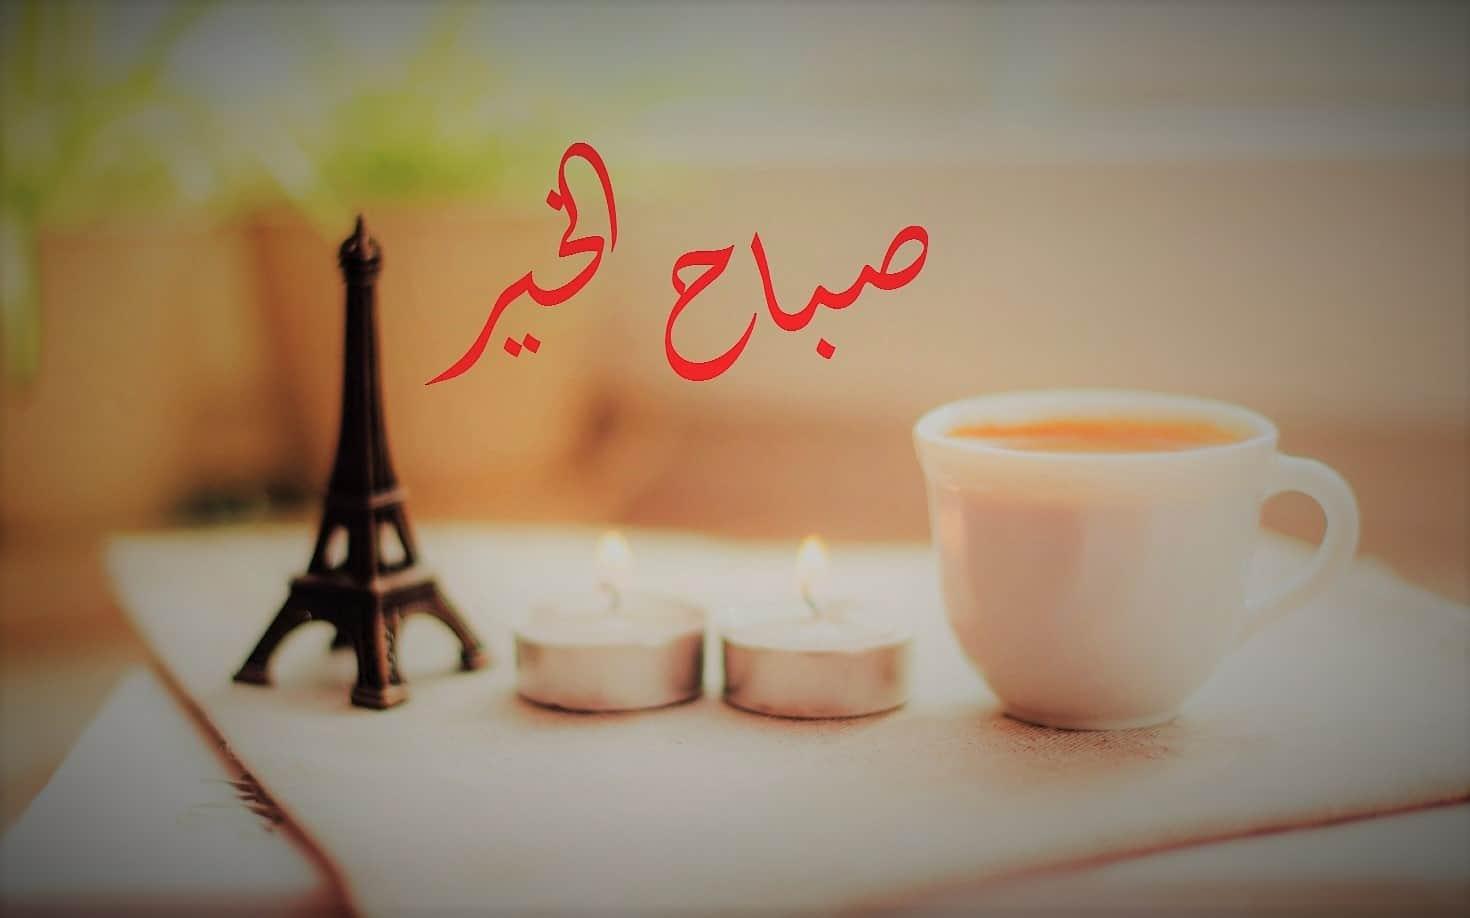 بالصور كلام عن صباح الخير , اجمل كلمات يمكن ان تقال فى الصباح 5988 5